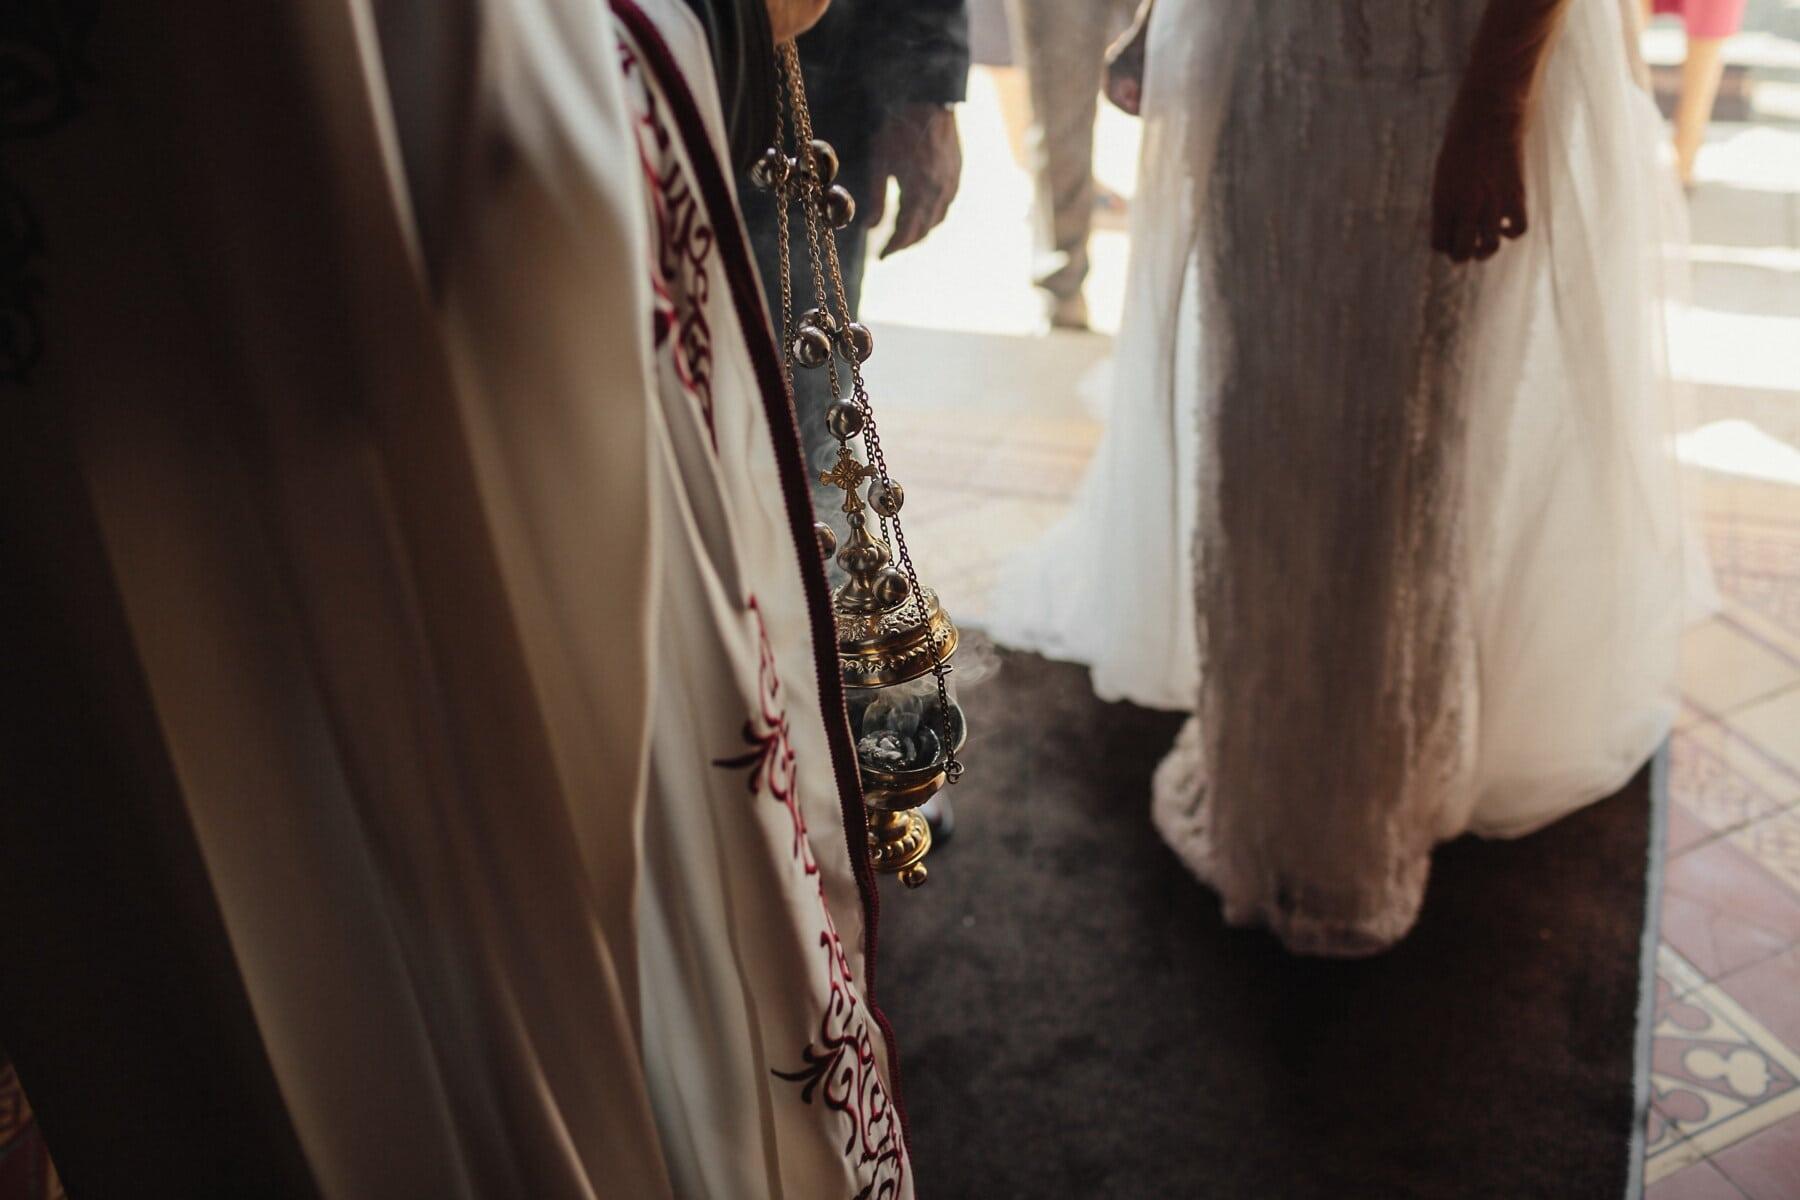 prêtre, orthodoxe, cérémonie, la mariée, religieux, robe de mariée, mariage, gens, rue, femme